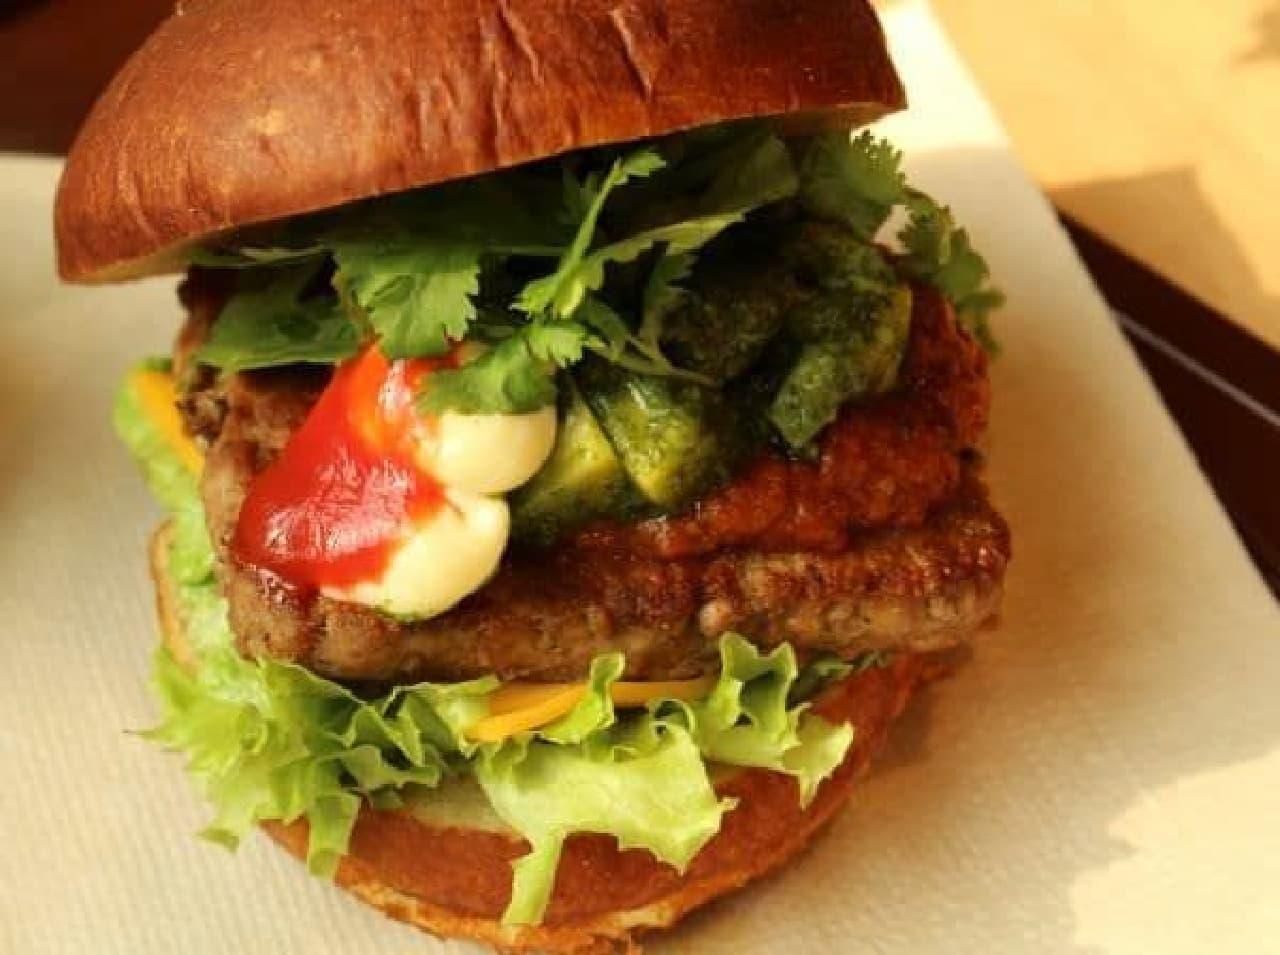 「プレッツェル チリ アボカドパクチーバーガー」はチリソースとアボカド、国産パクチーの風味が楽しめるバーガー